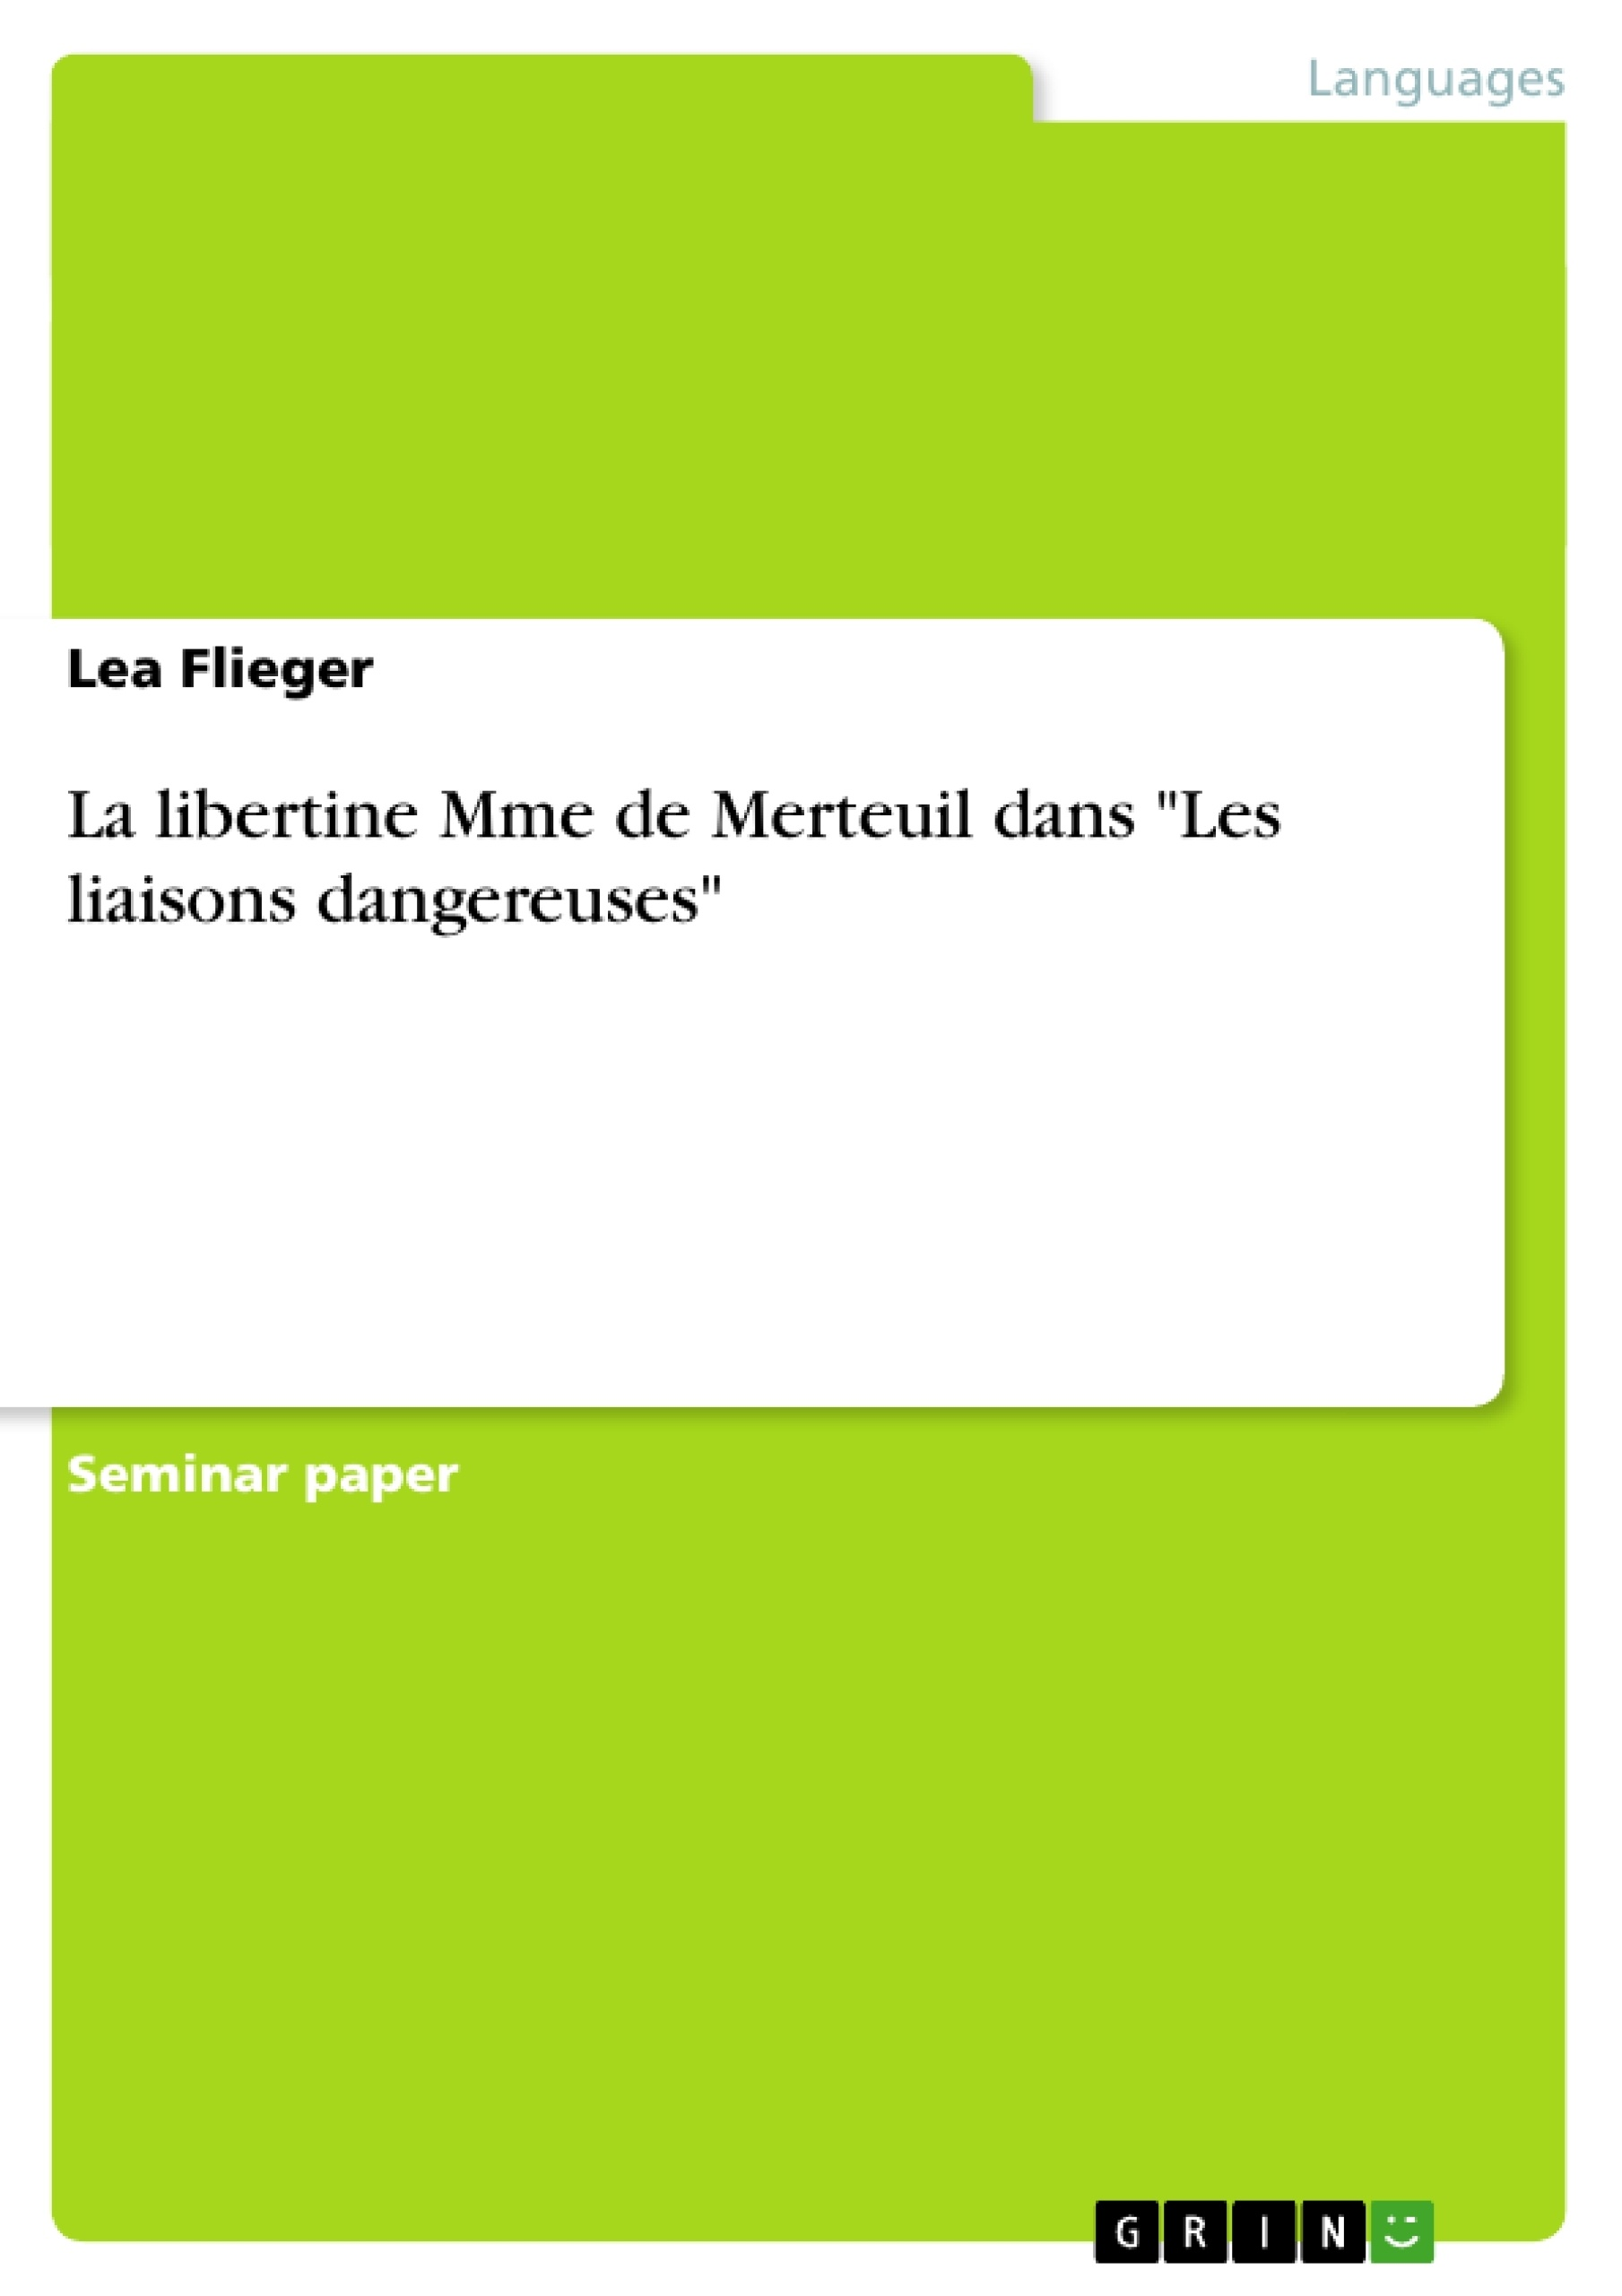 """Titre: La libertine Mme de Merteuil dans """"Les liaisons dangereuses"""""""